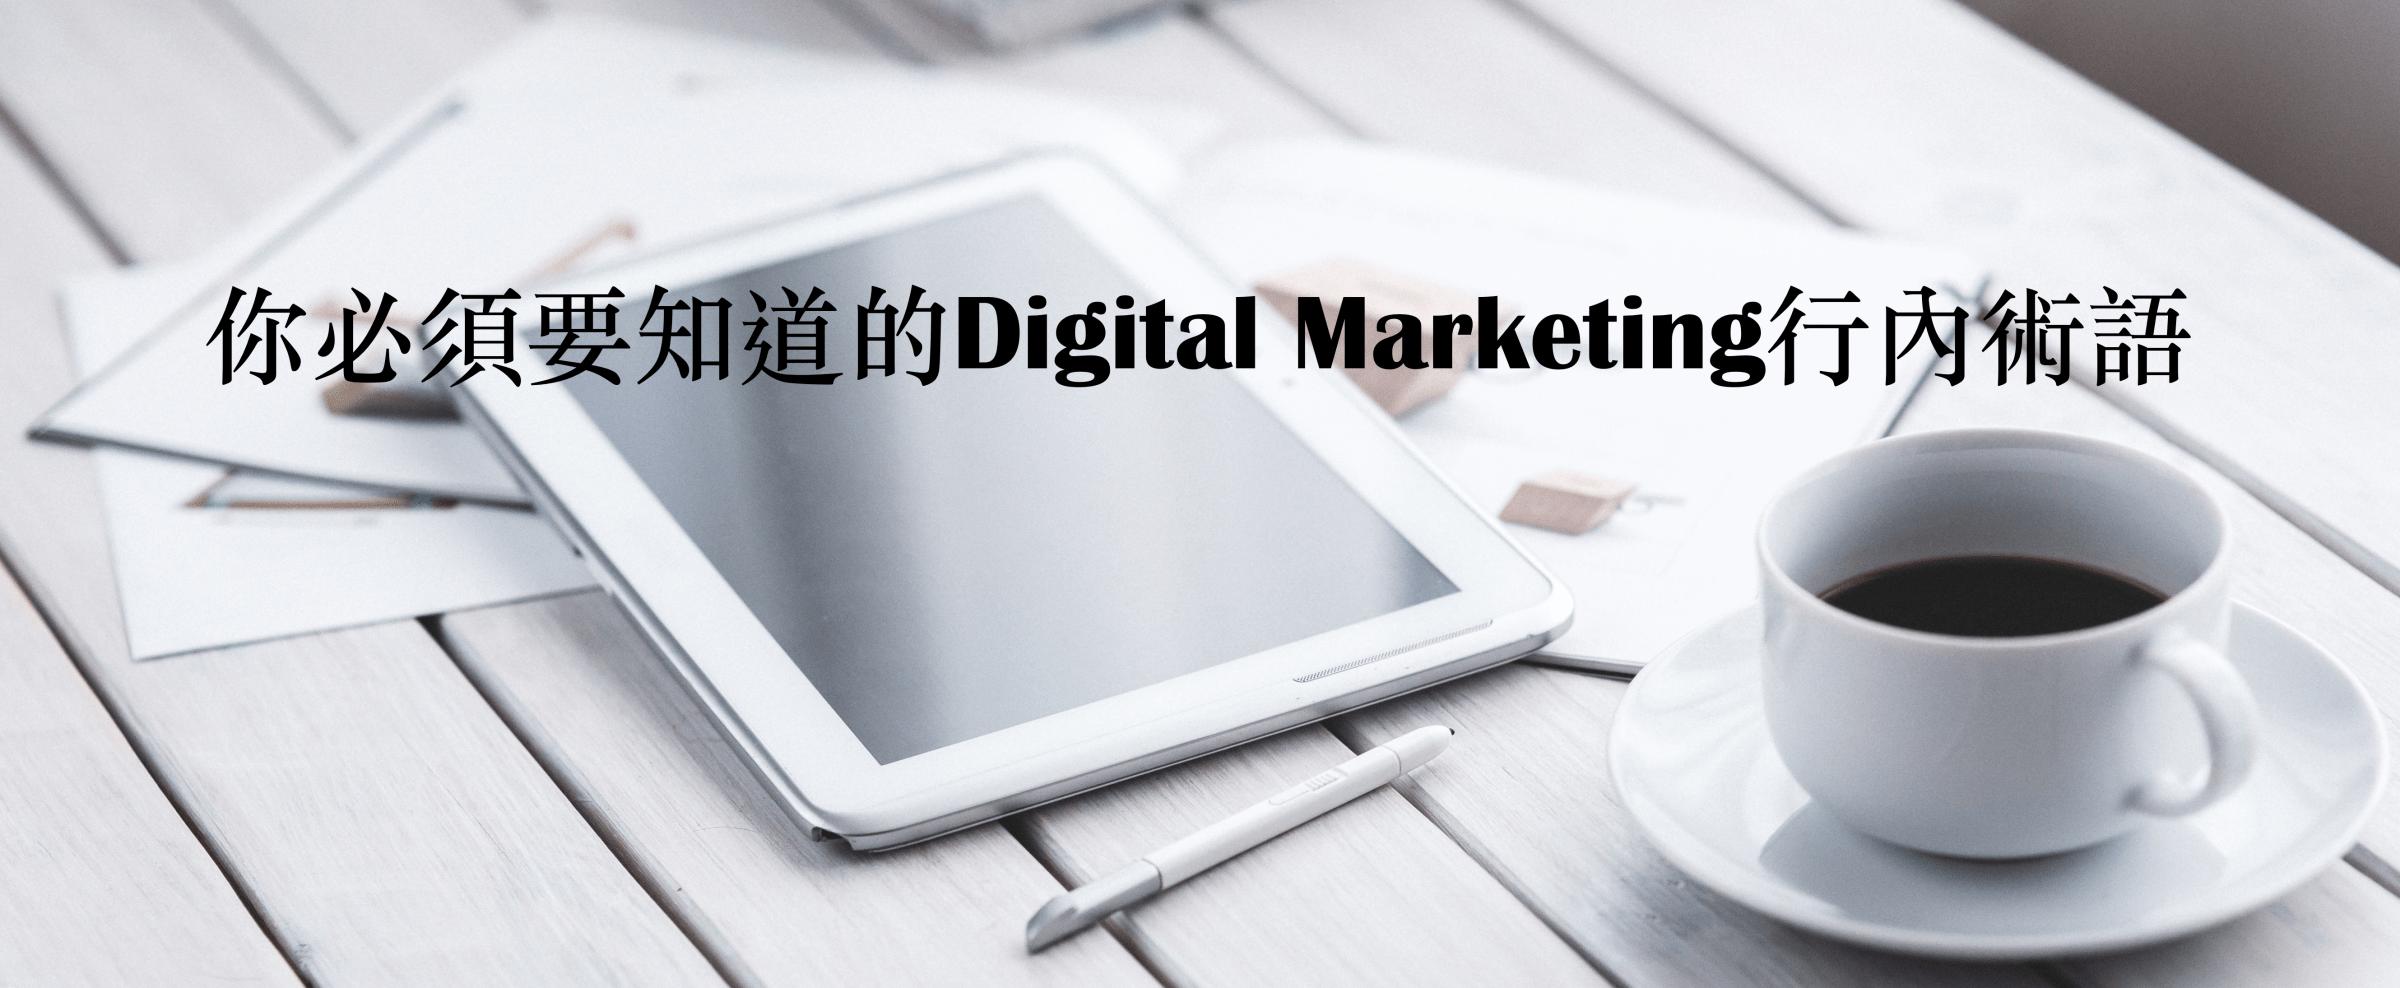 成為專家的第一步-認識Digital Marketing必須要懂的術語和專稱